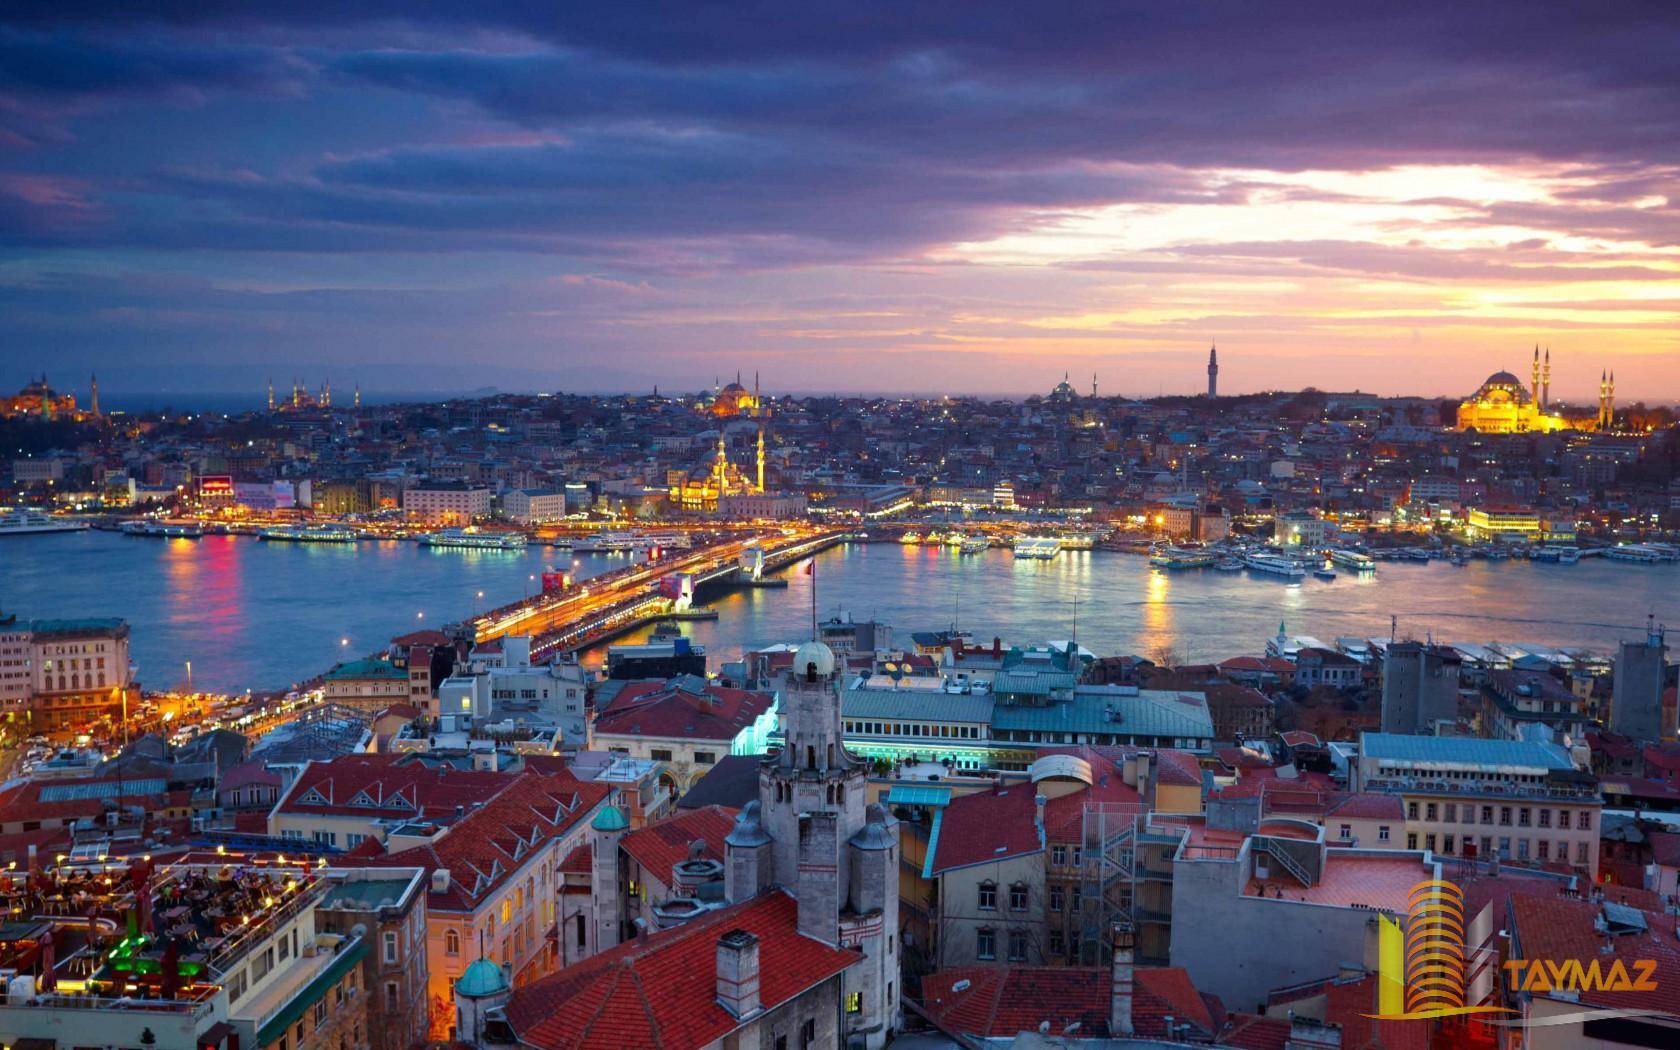 تایماز 1 - در مورد ترکیه بیشتر بدونید